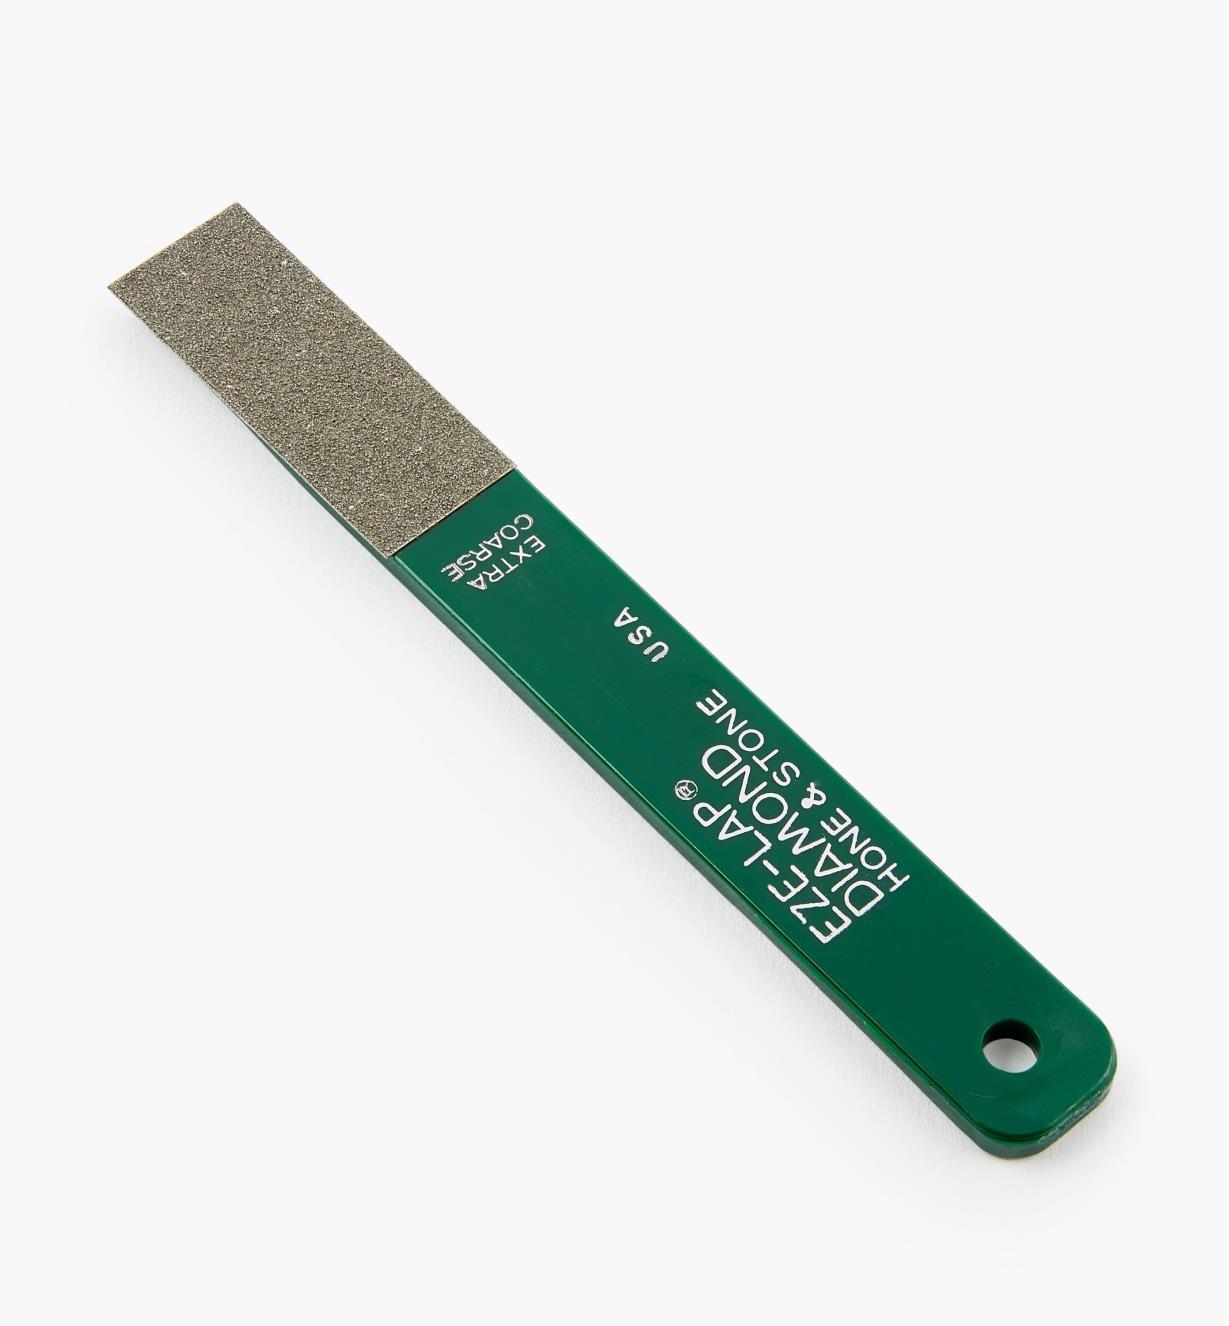 70M0221 - Petit affiloir diamanté EZE-Lap, grain 150 (150 µm)